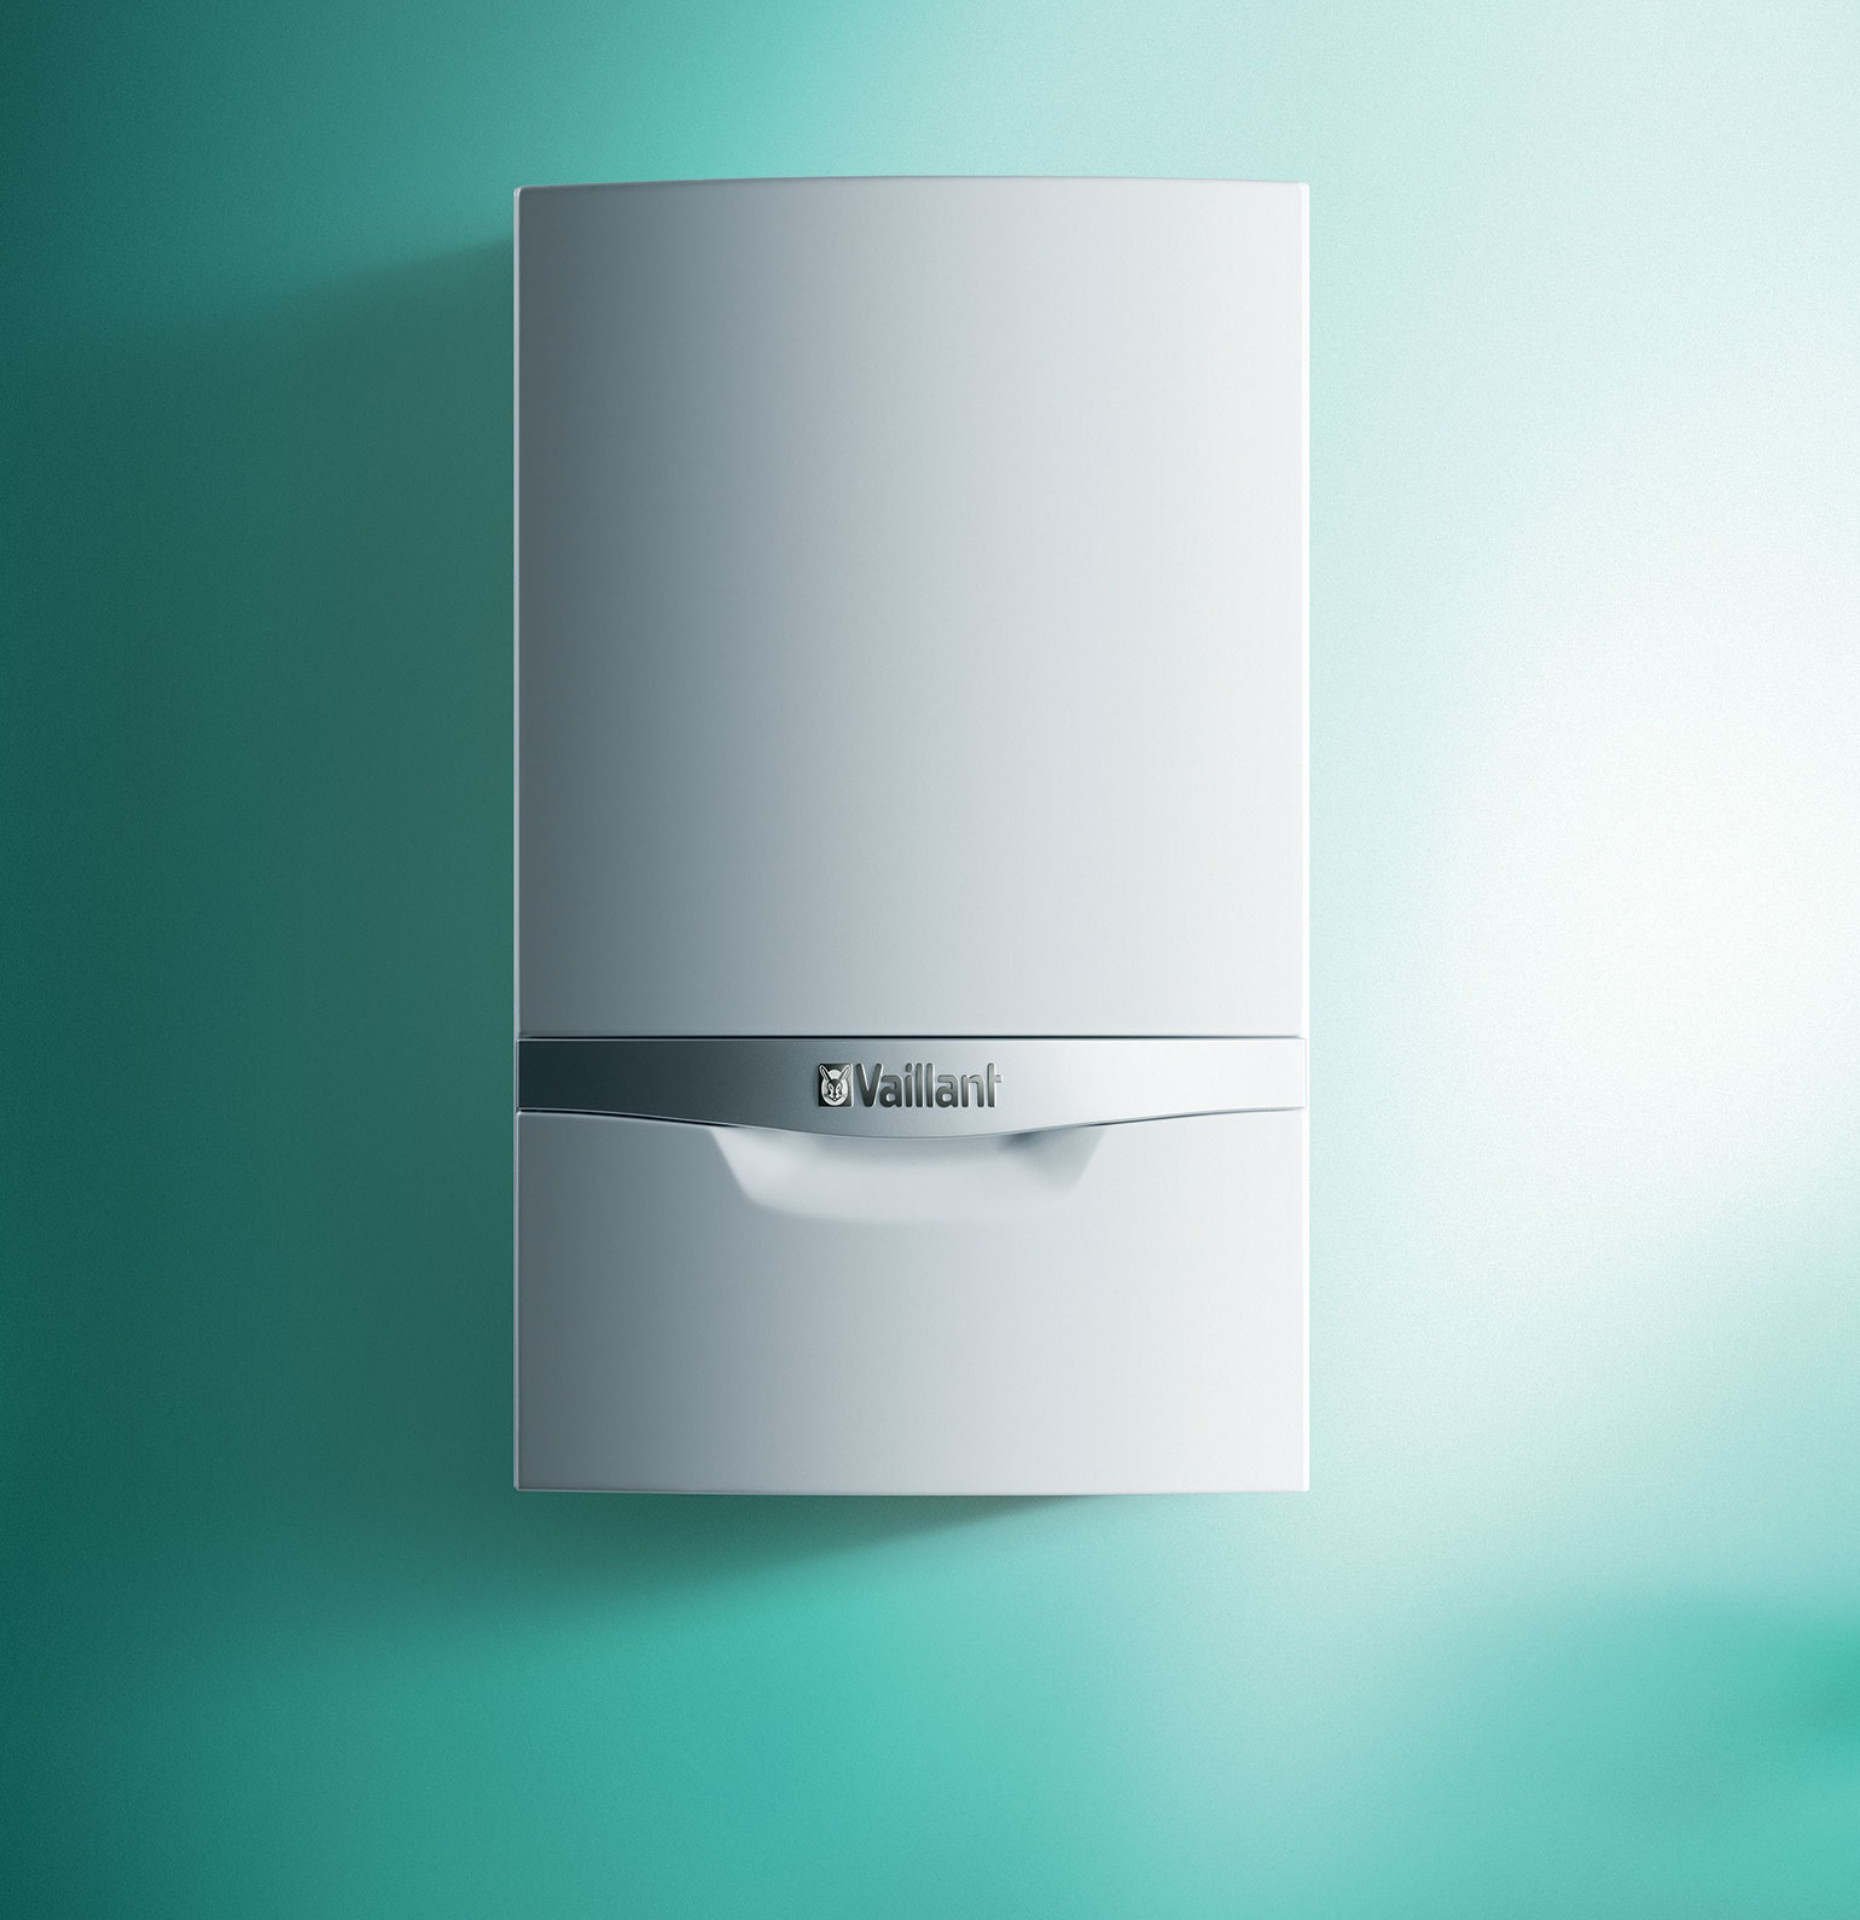 Vaillant 2 VU 466/4-5 ecoTEC plus calorMATIC 630/3 modul VR 32 0010019745